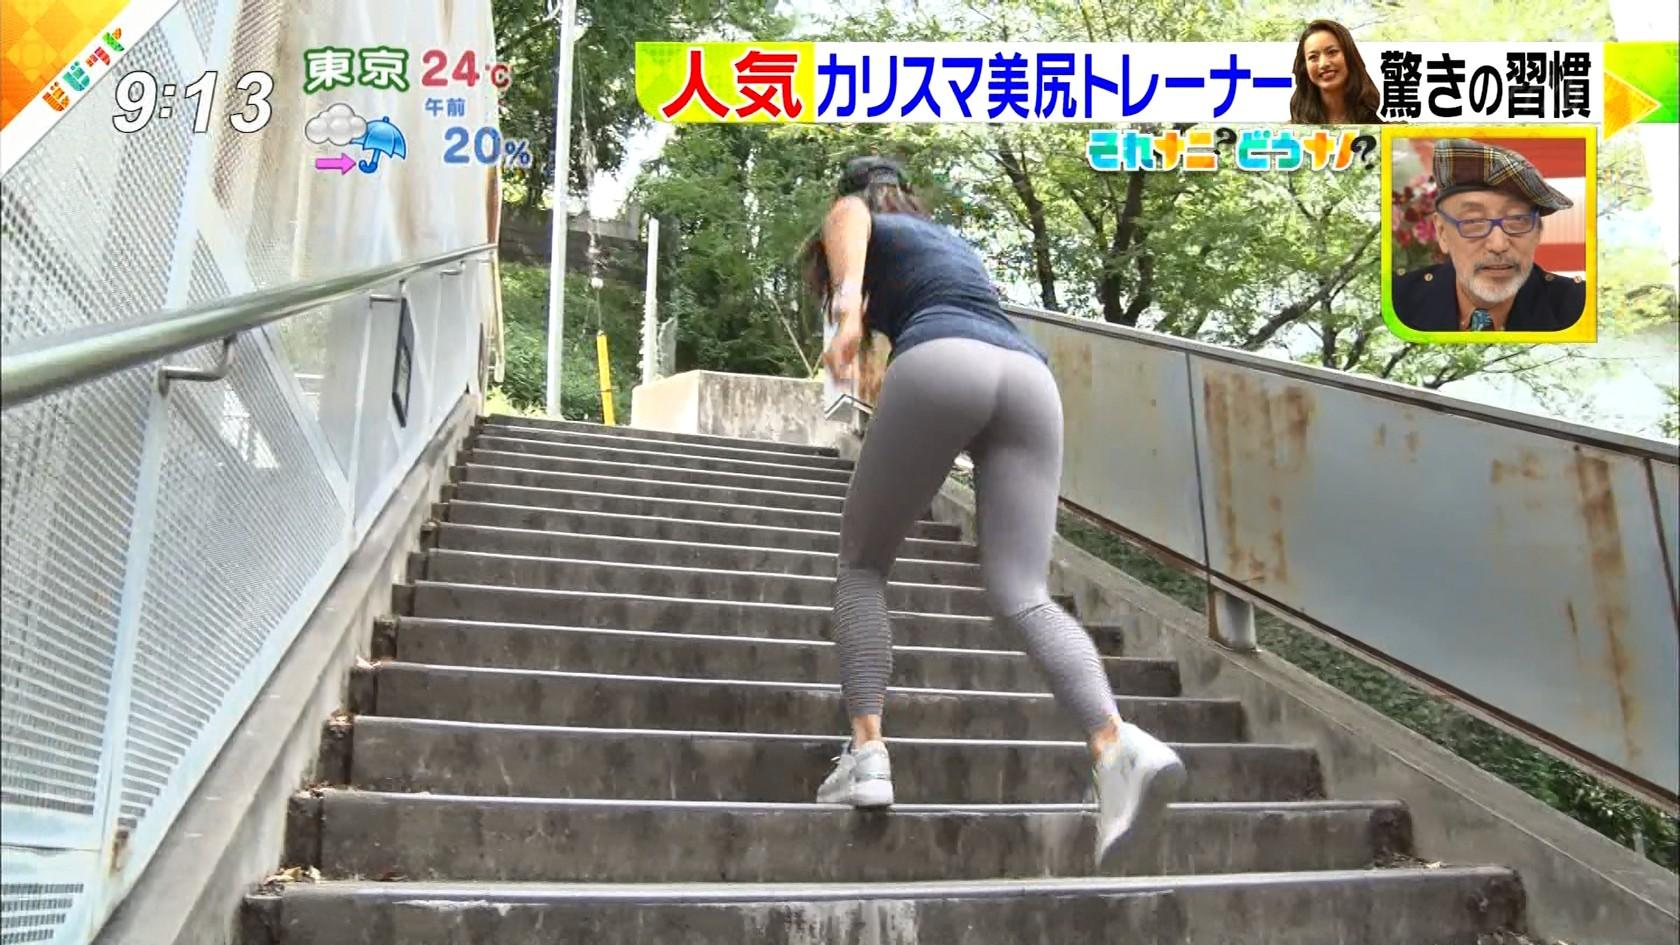 岡部友_美尻_スパッツ_テレビキャプ画像_13